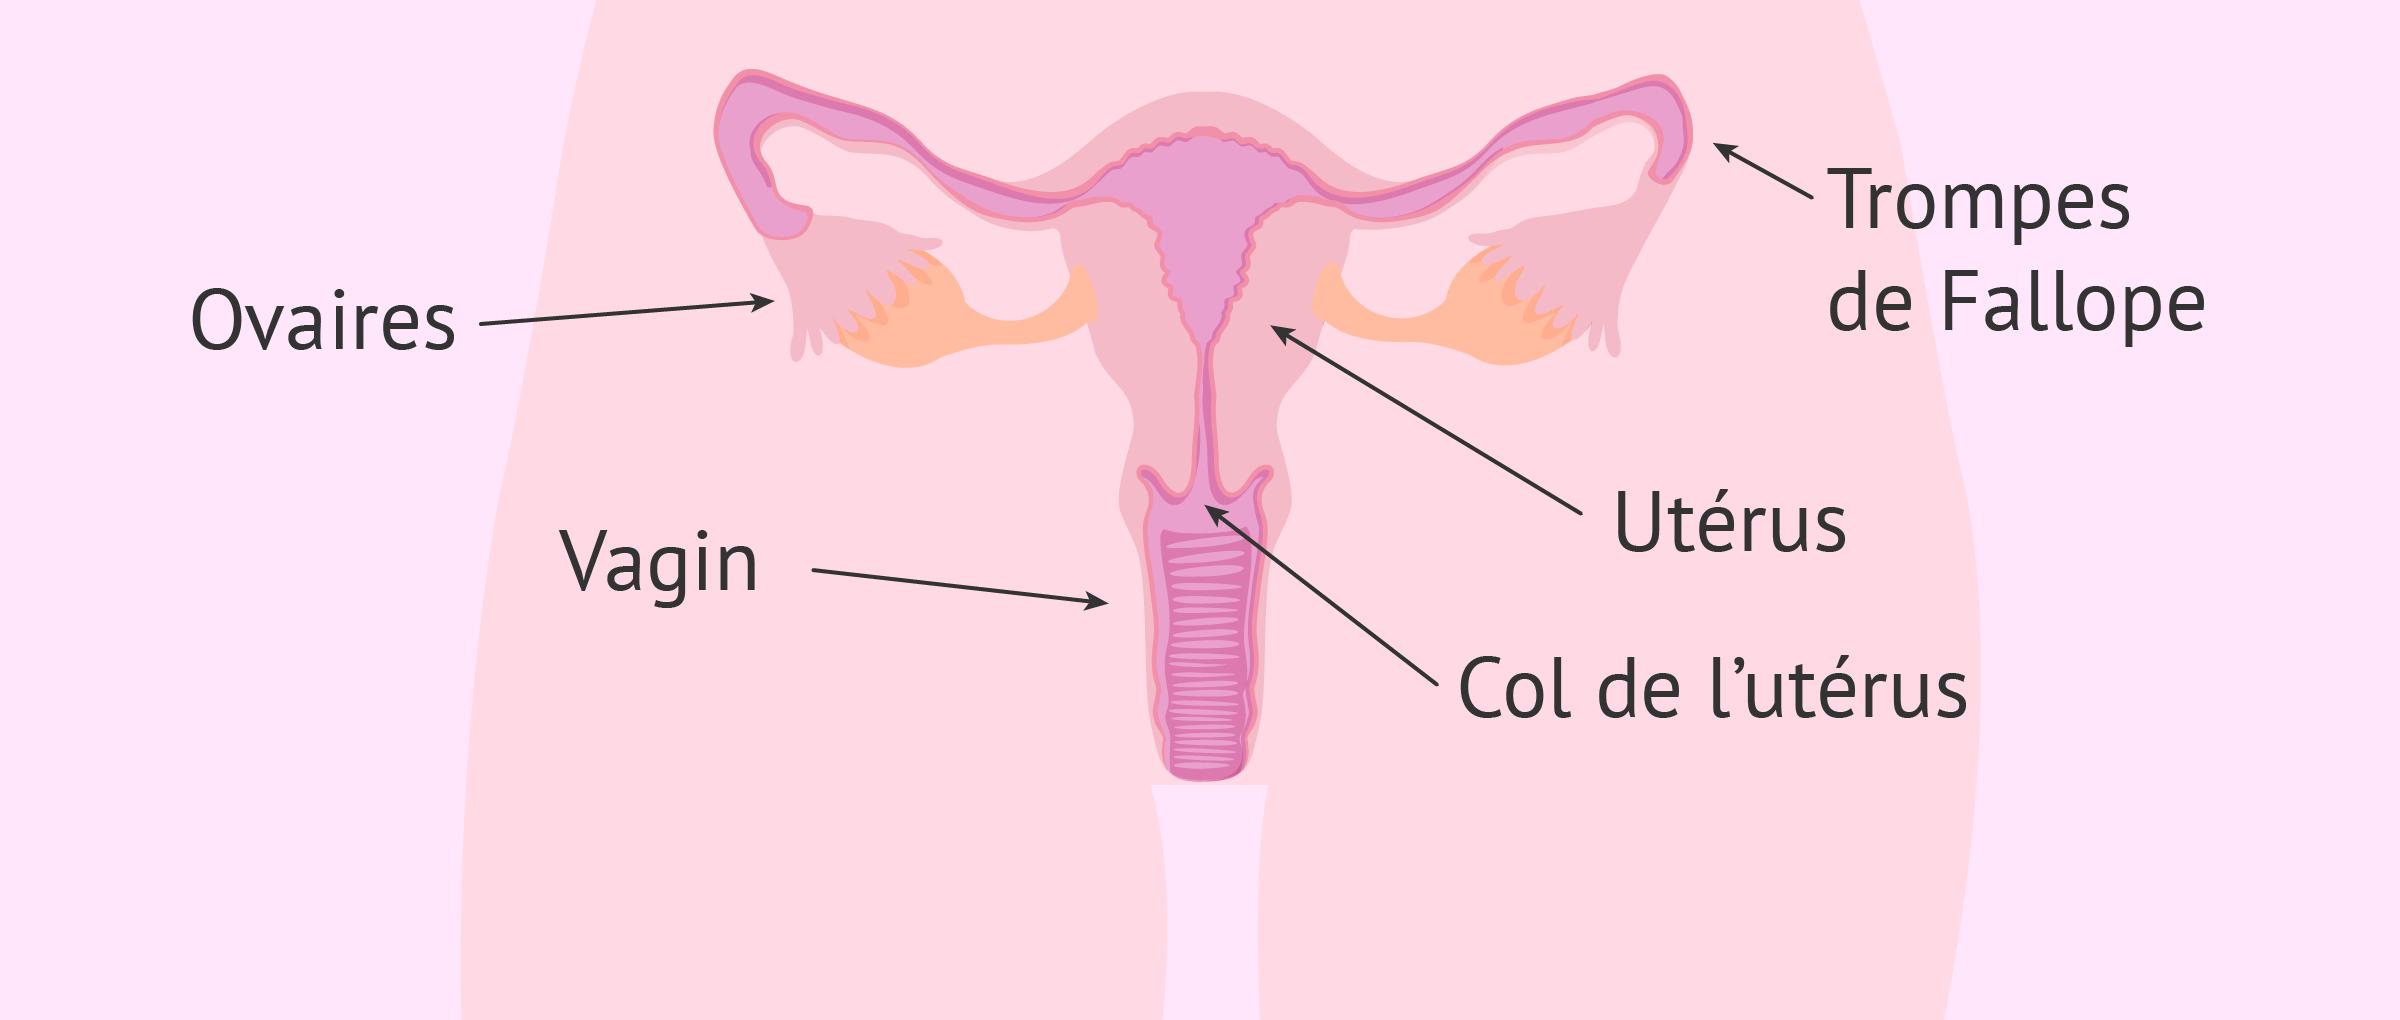 Système reproducteur de la femme: quand se situe ma période de fertilité?